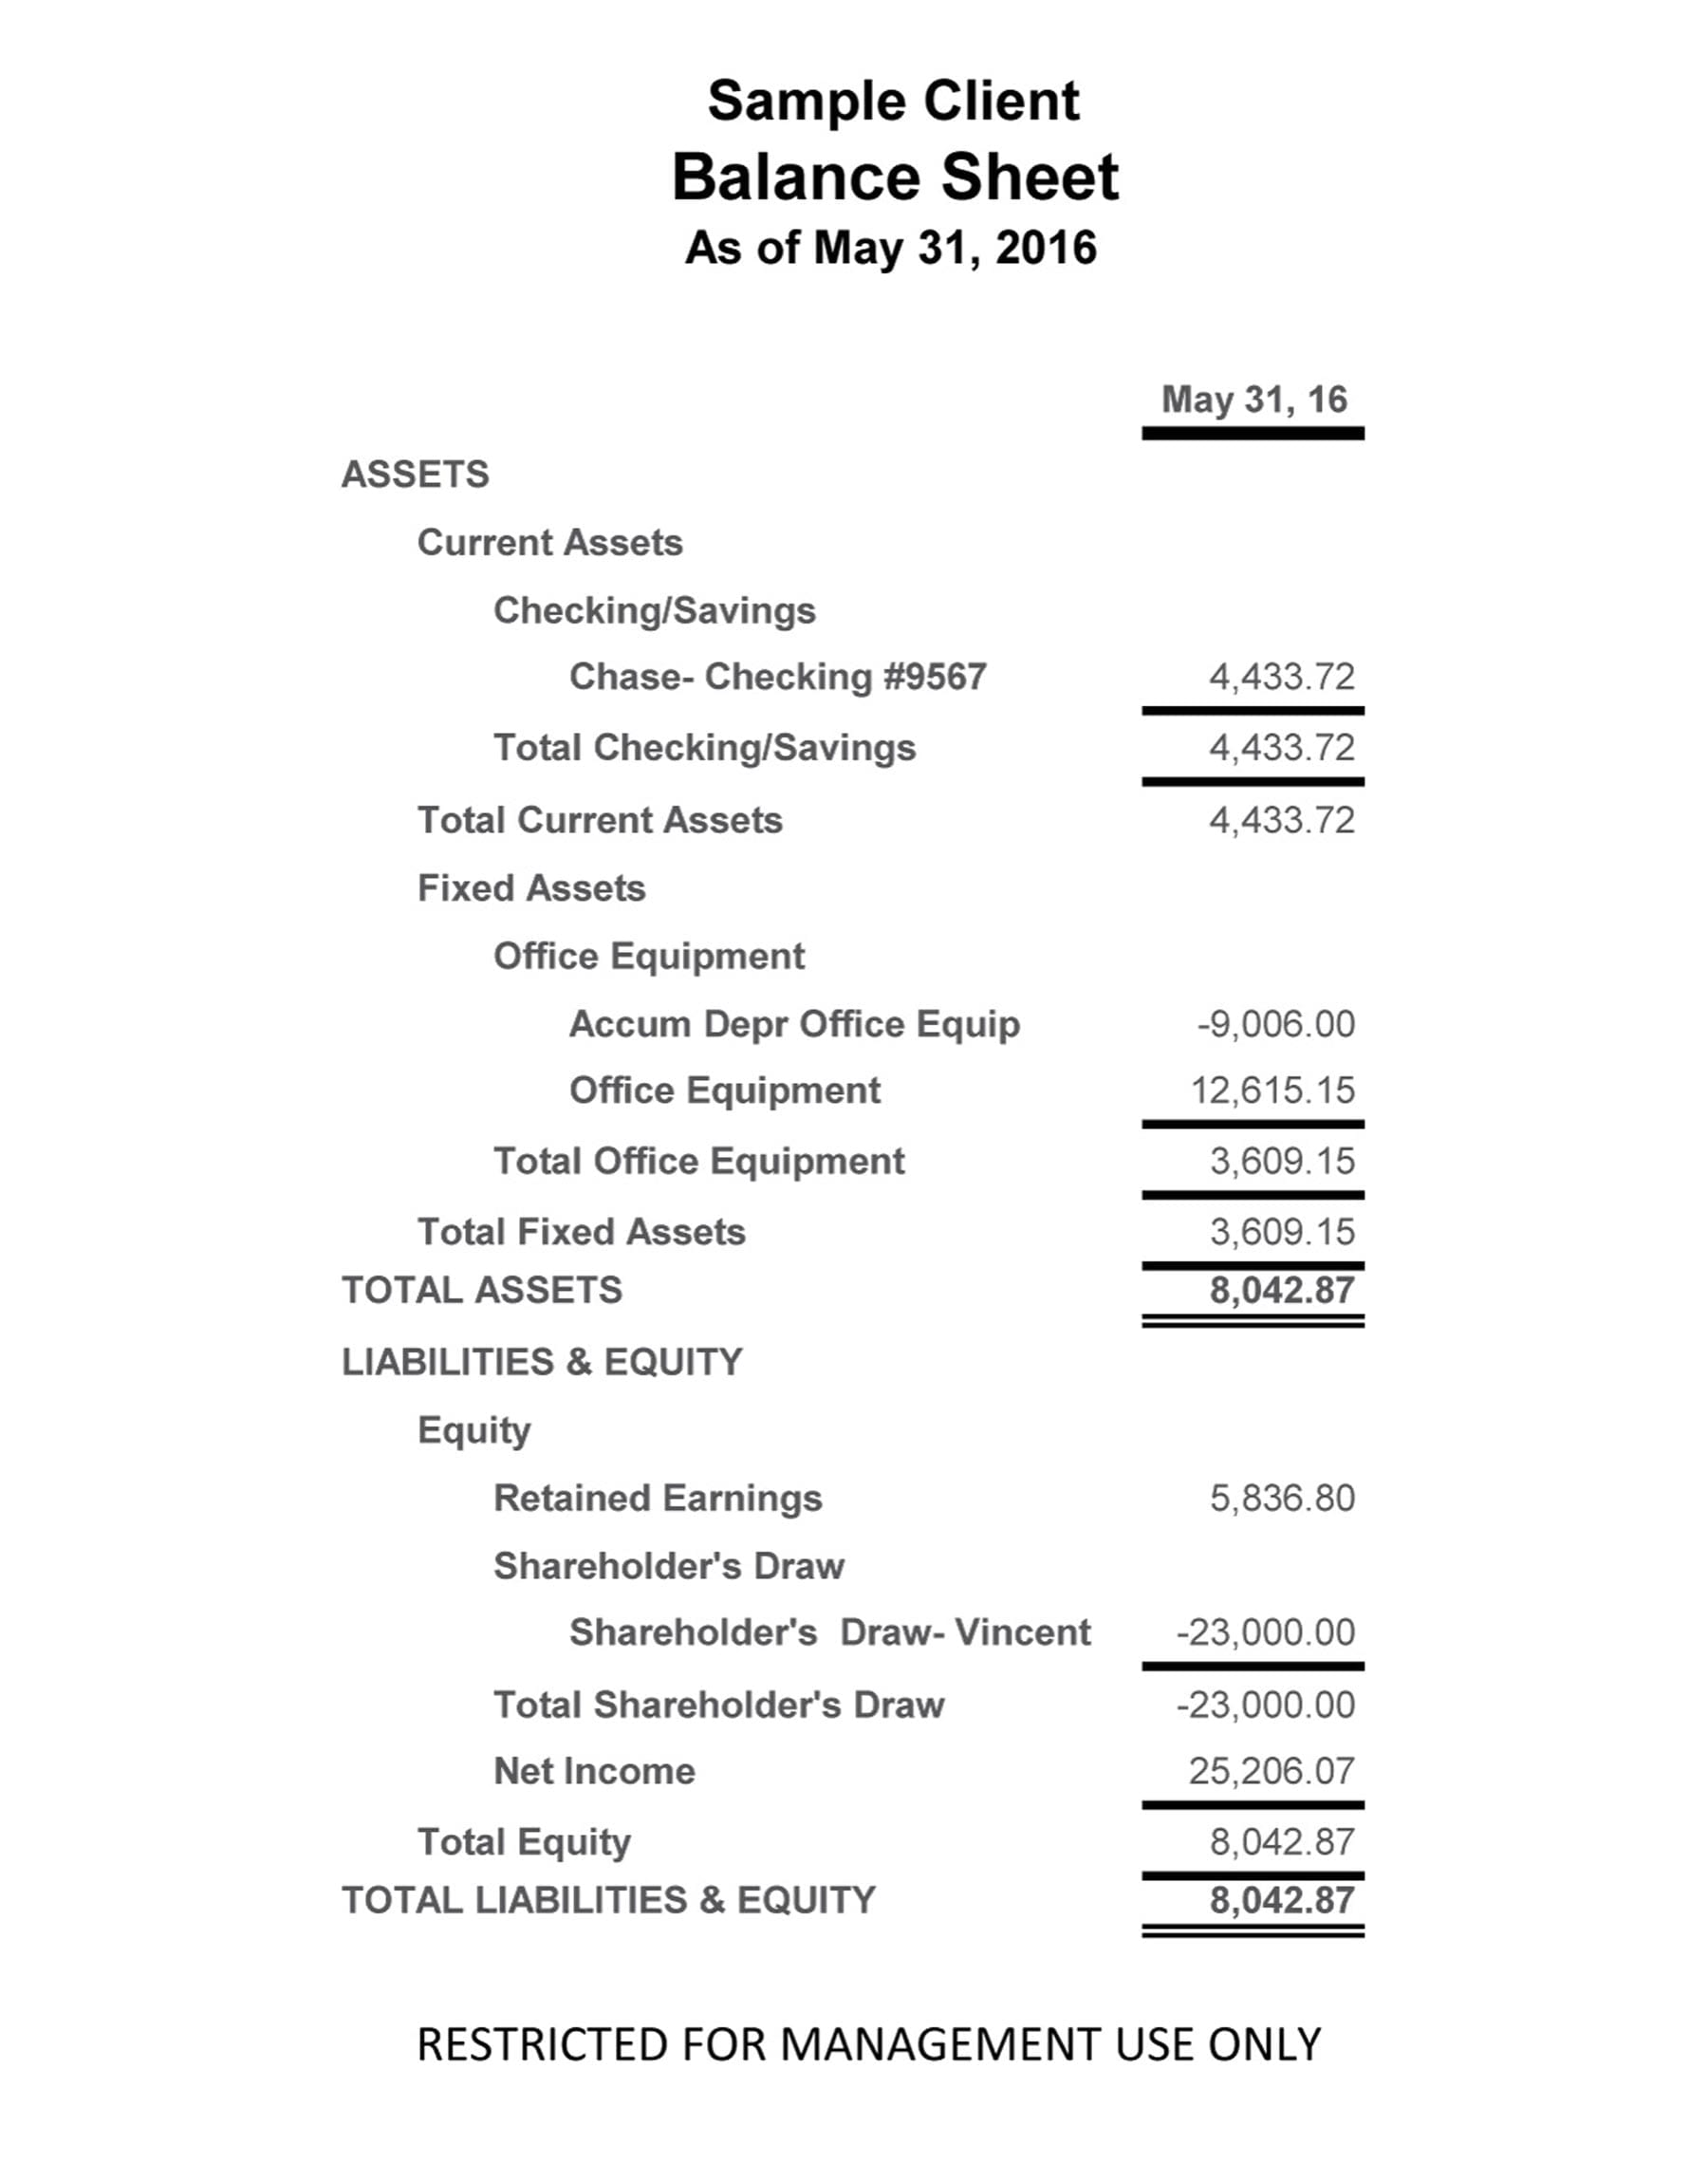 Balance Sheet Sample Client 05 16